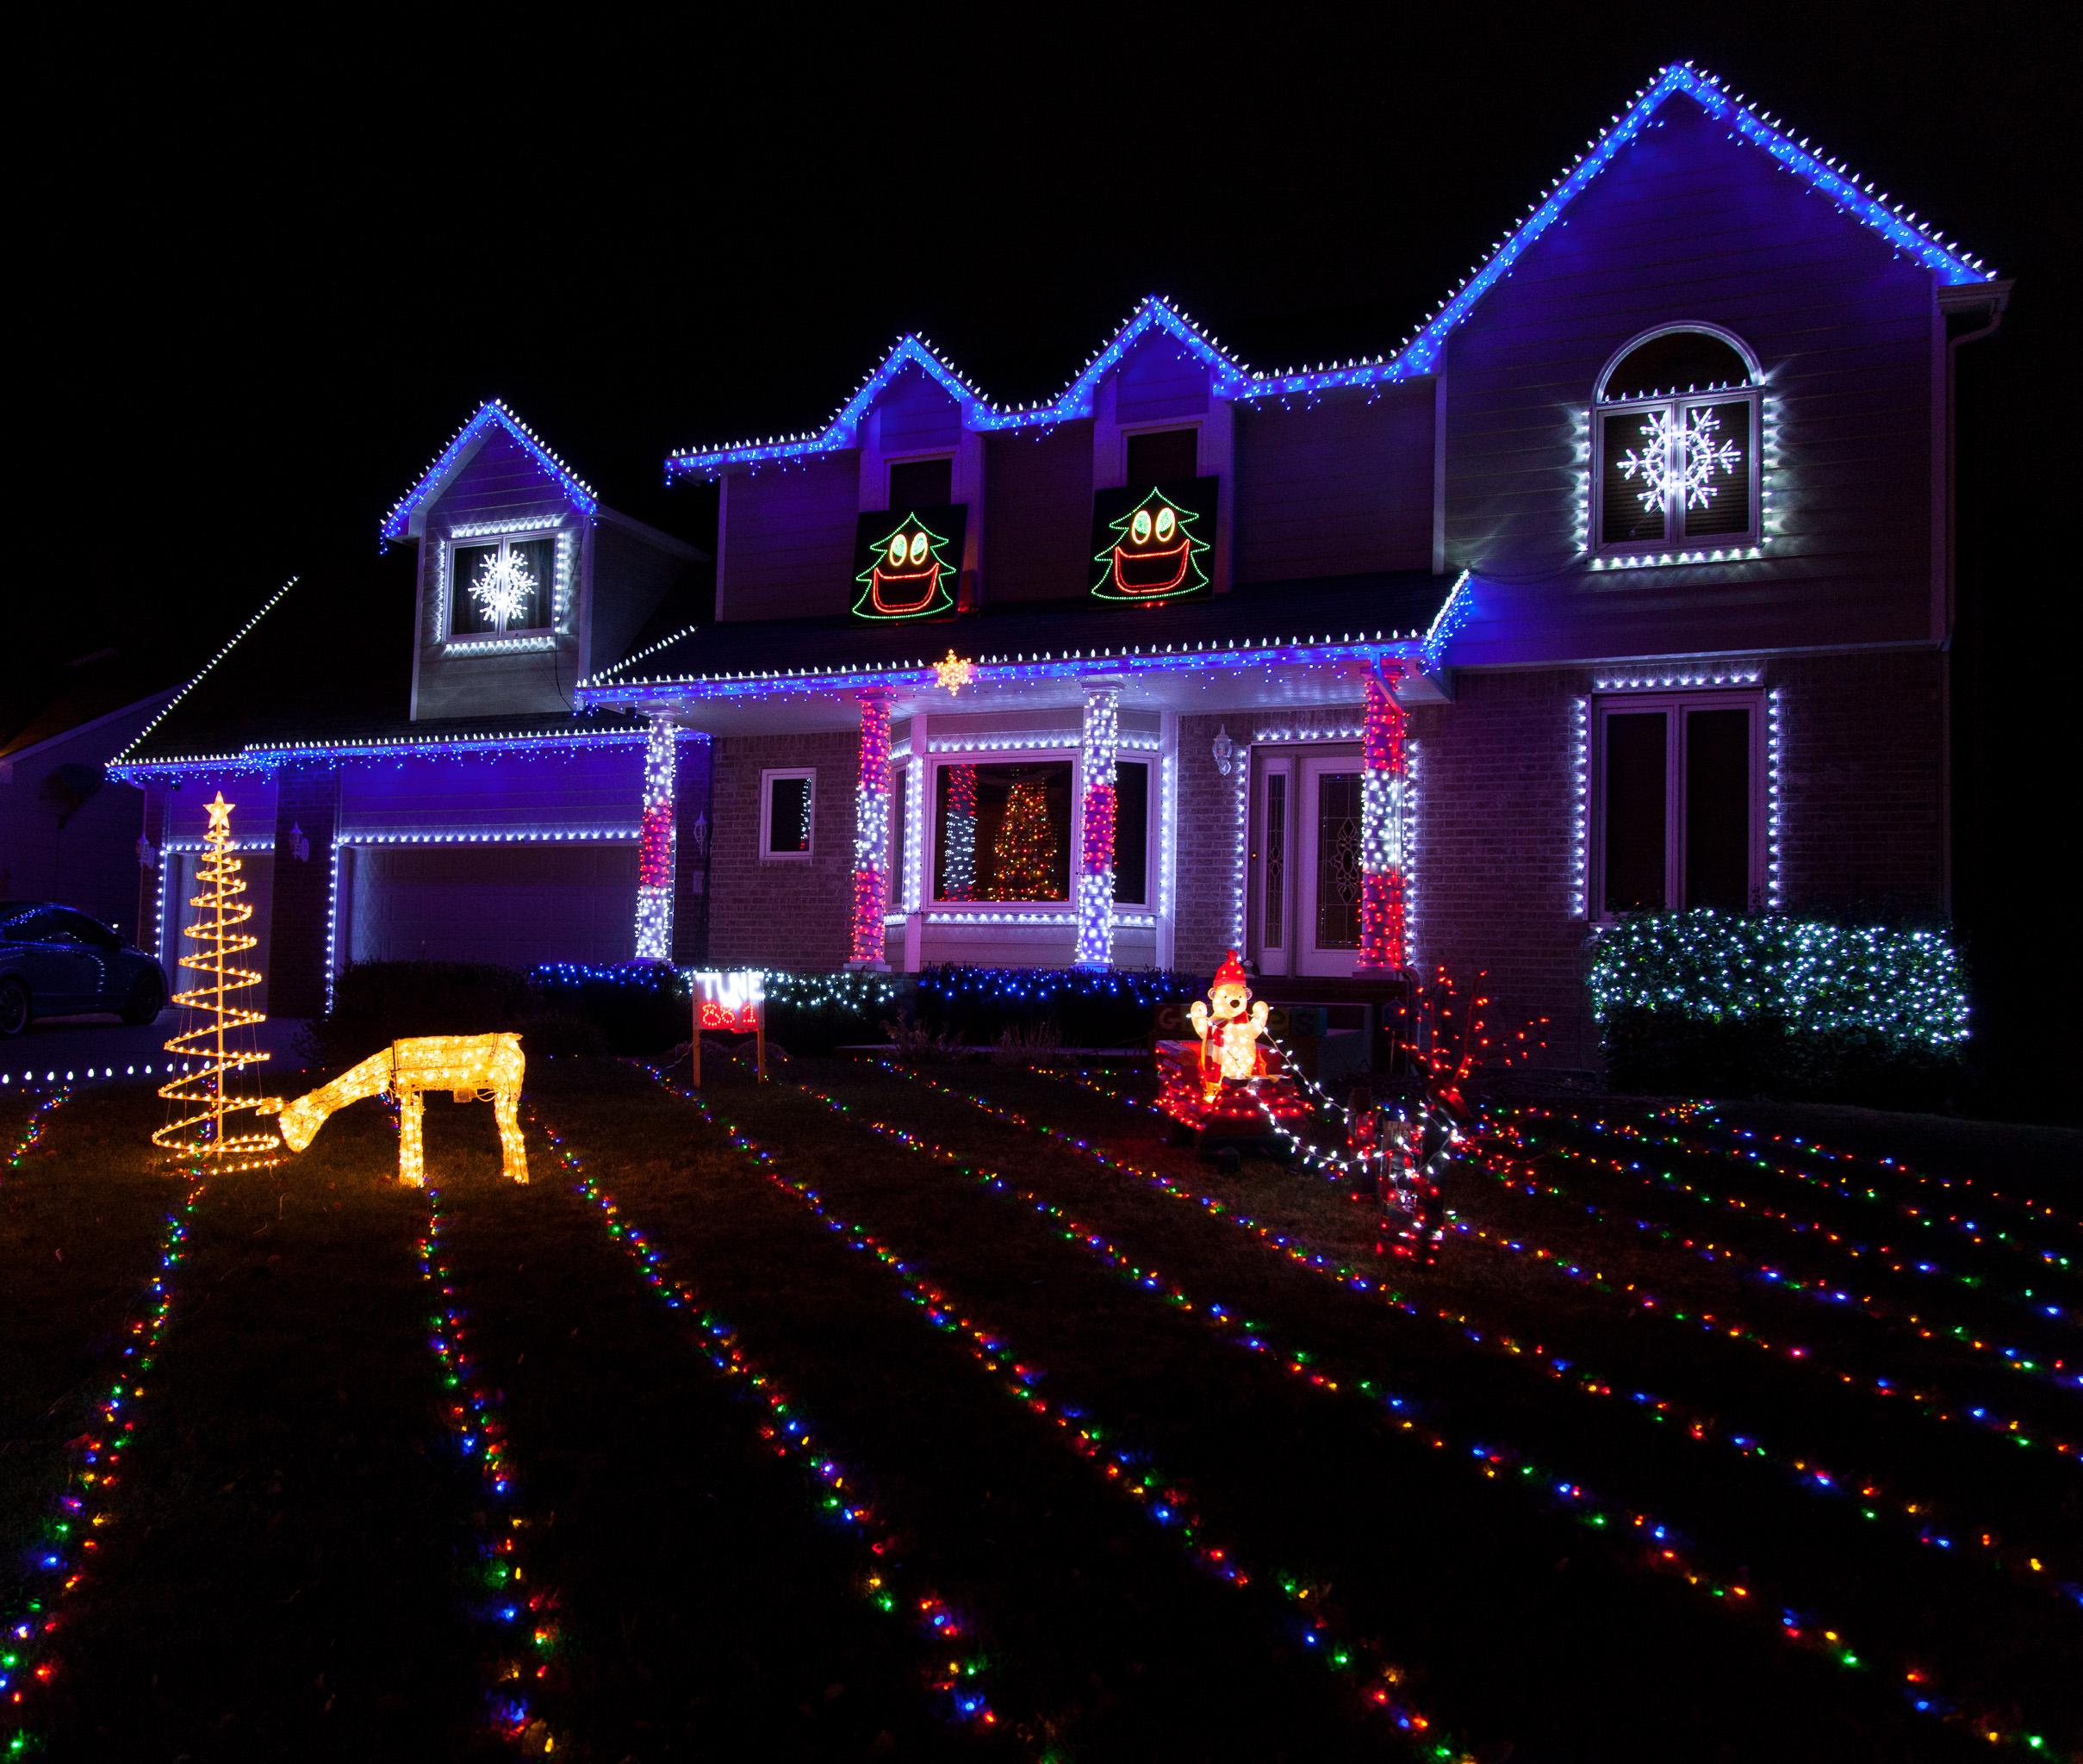 Colorful Christmas Lights On House.Colorful Christmas Lights On Candy Cane Lane All The Pages